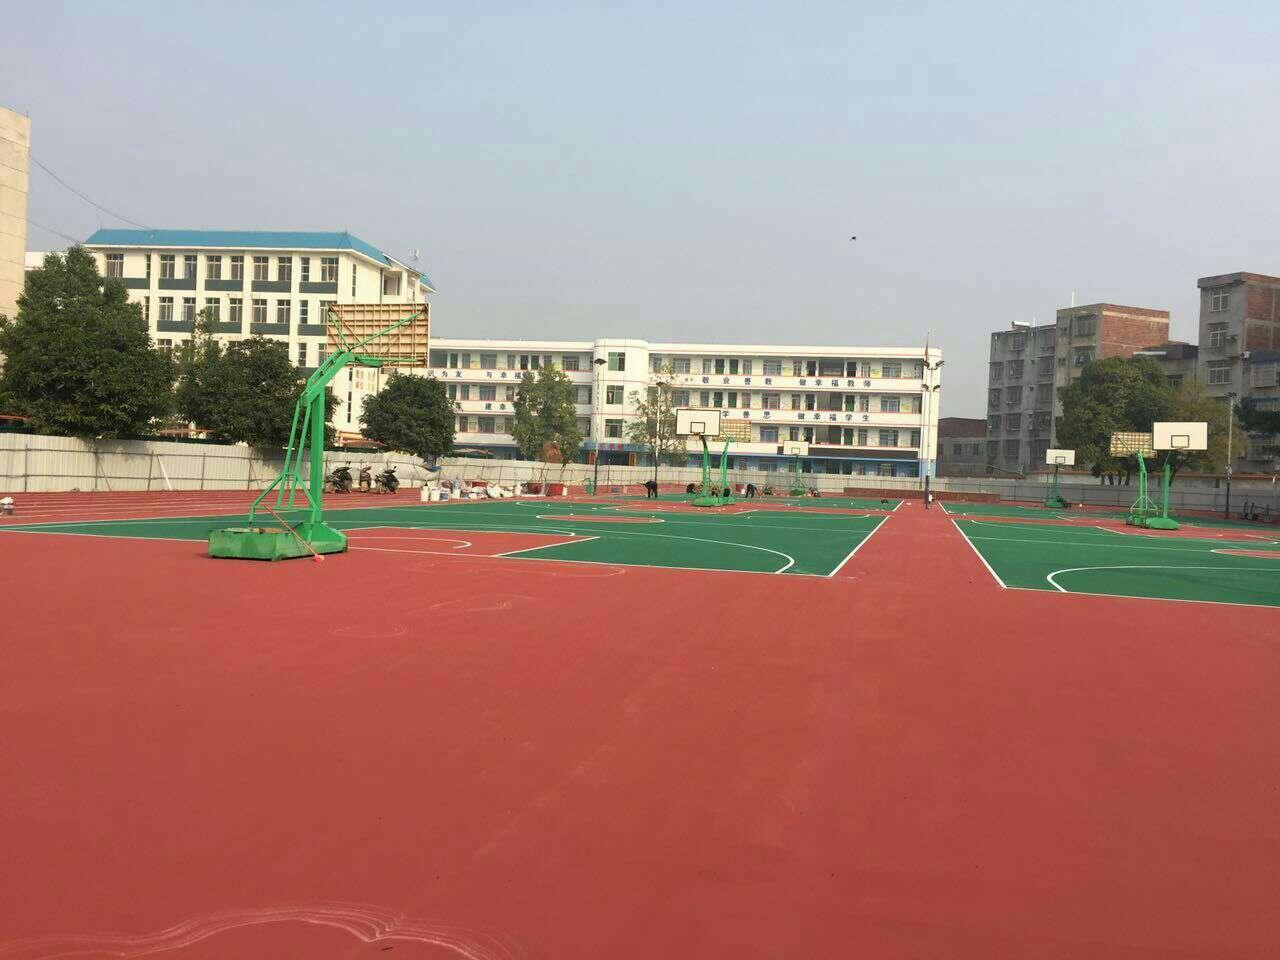 想买满意的全塑型跑道就到广州腾威科技-中国专业全塑型跑道